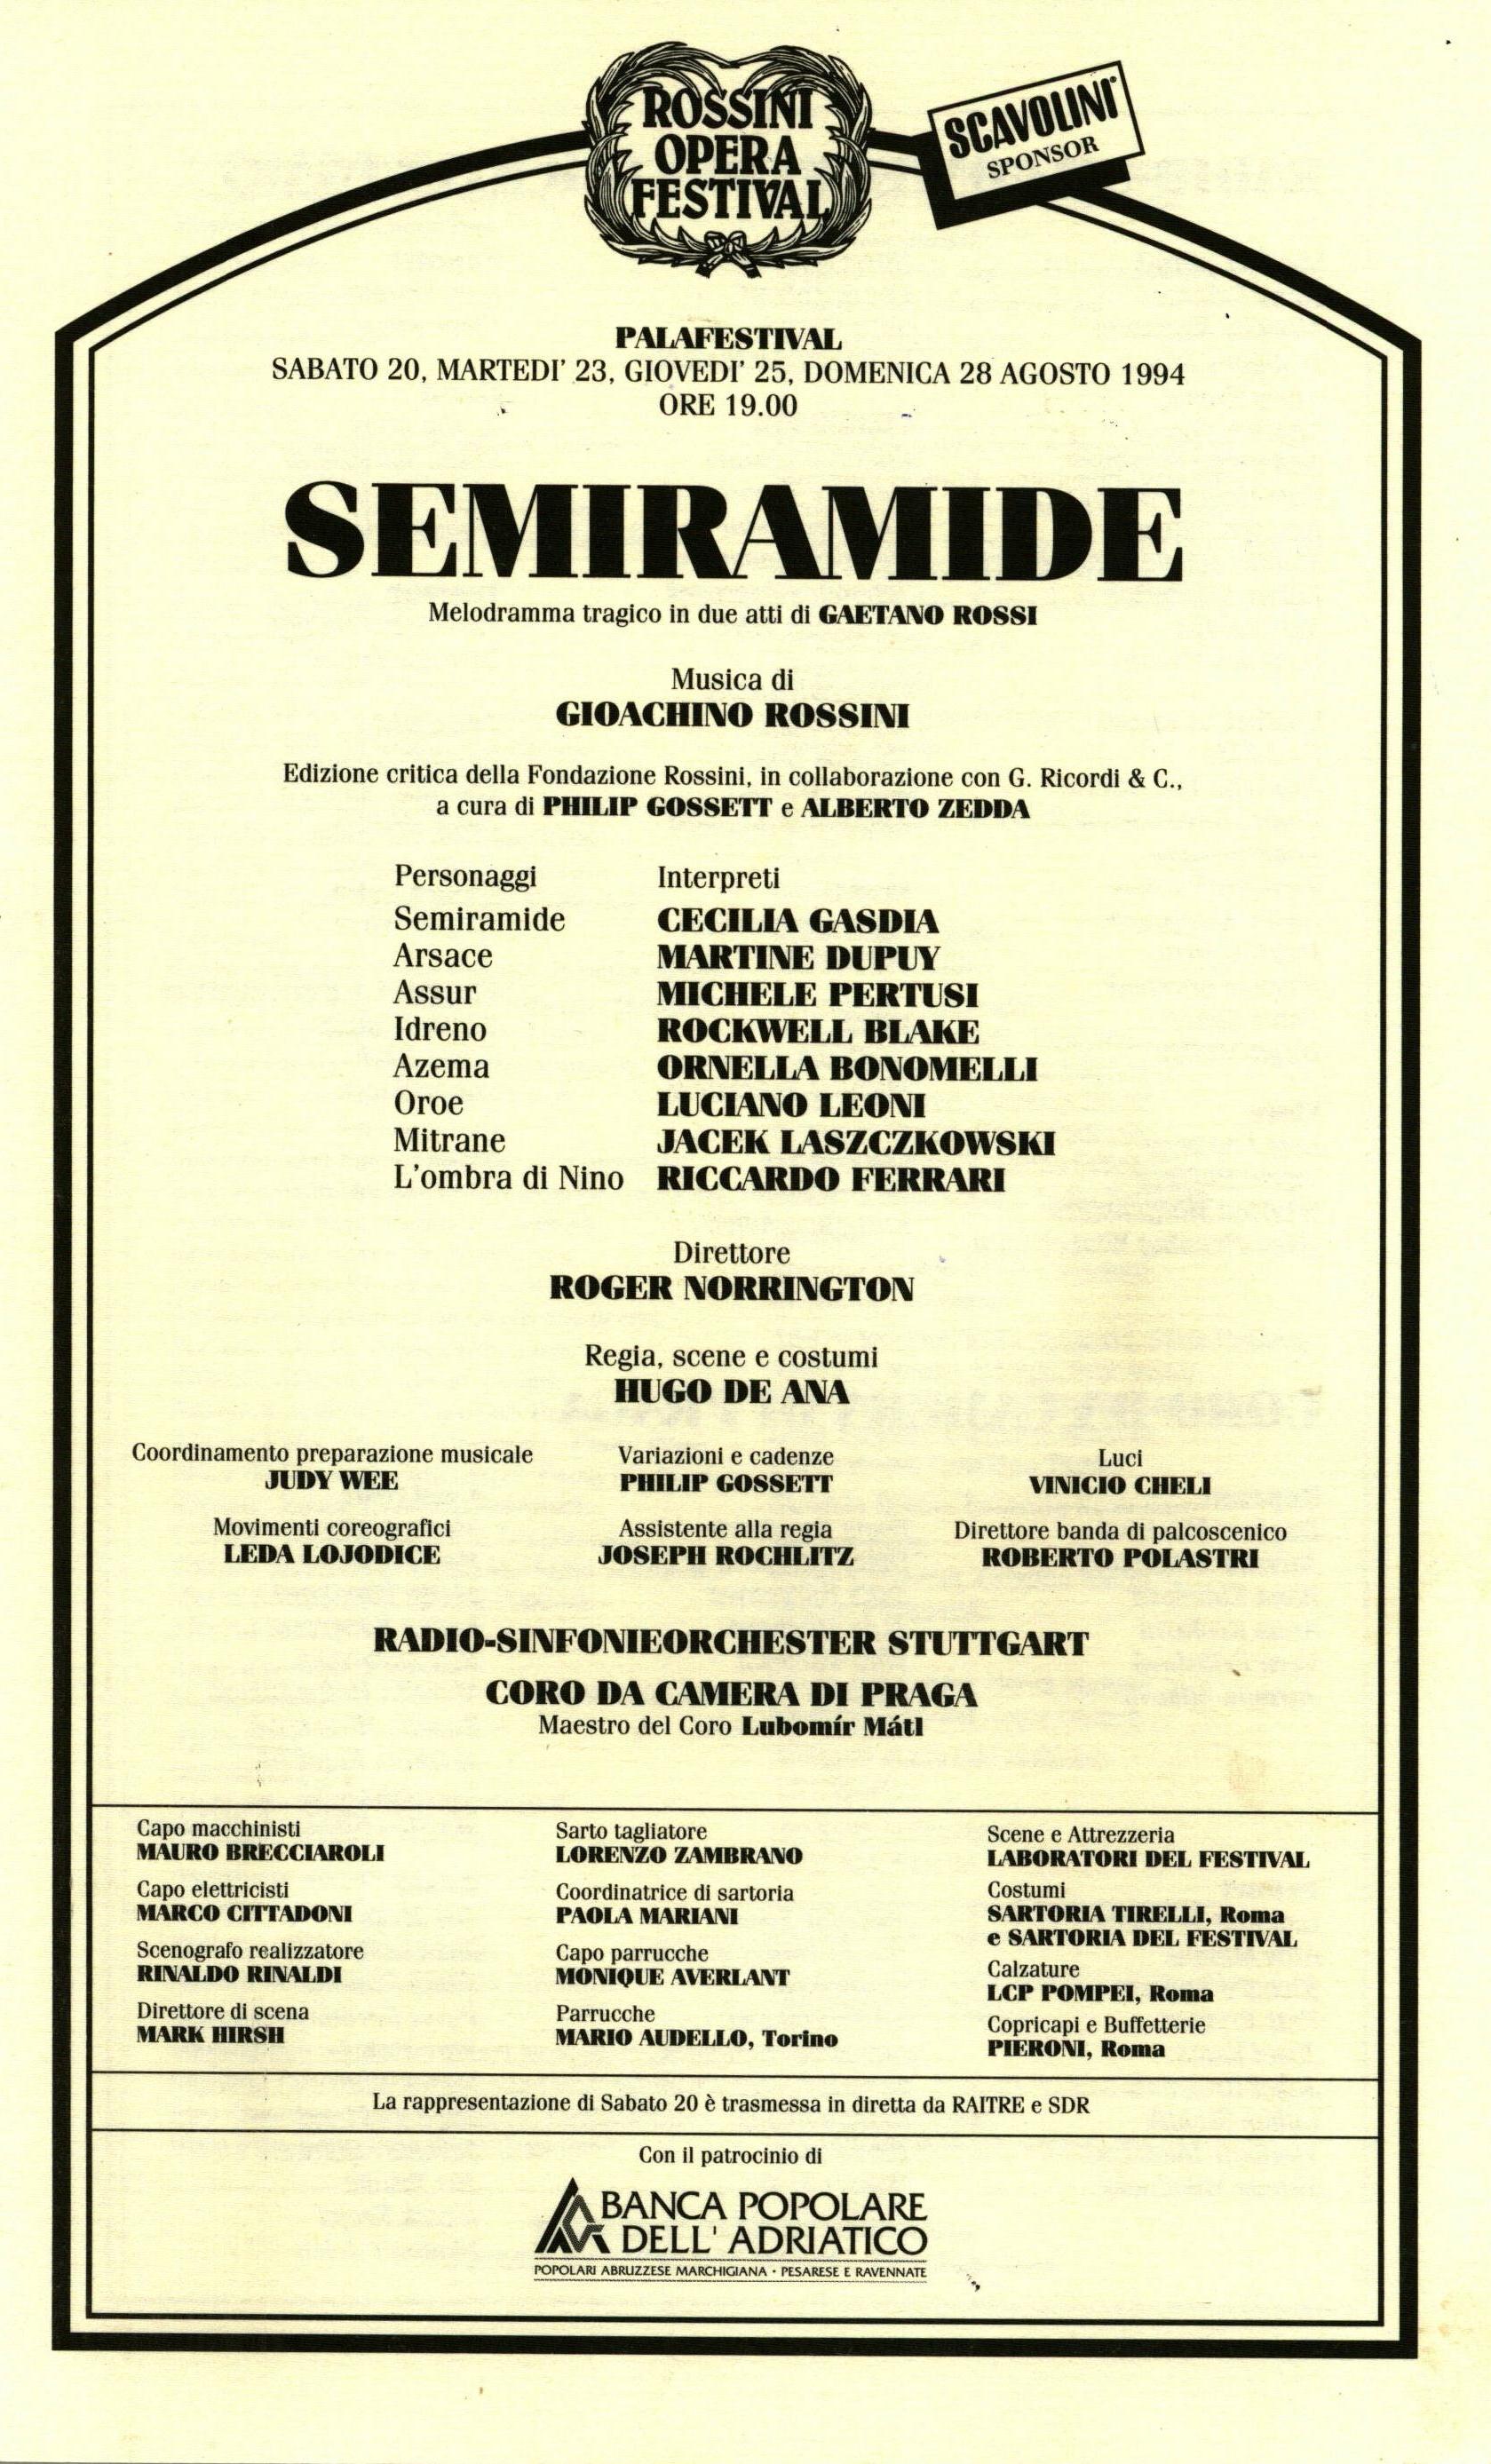 N°7 semiramide-page-001.jpg